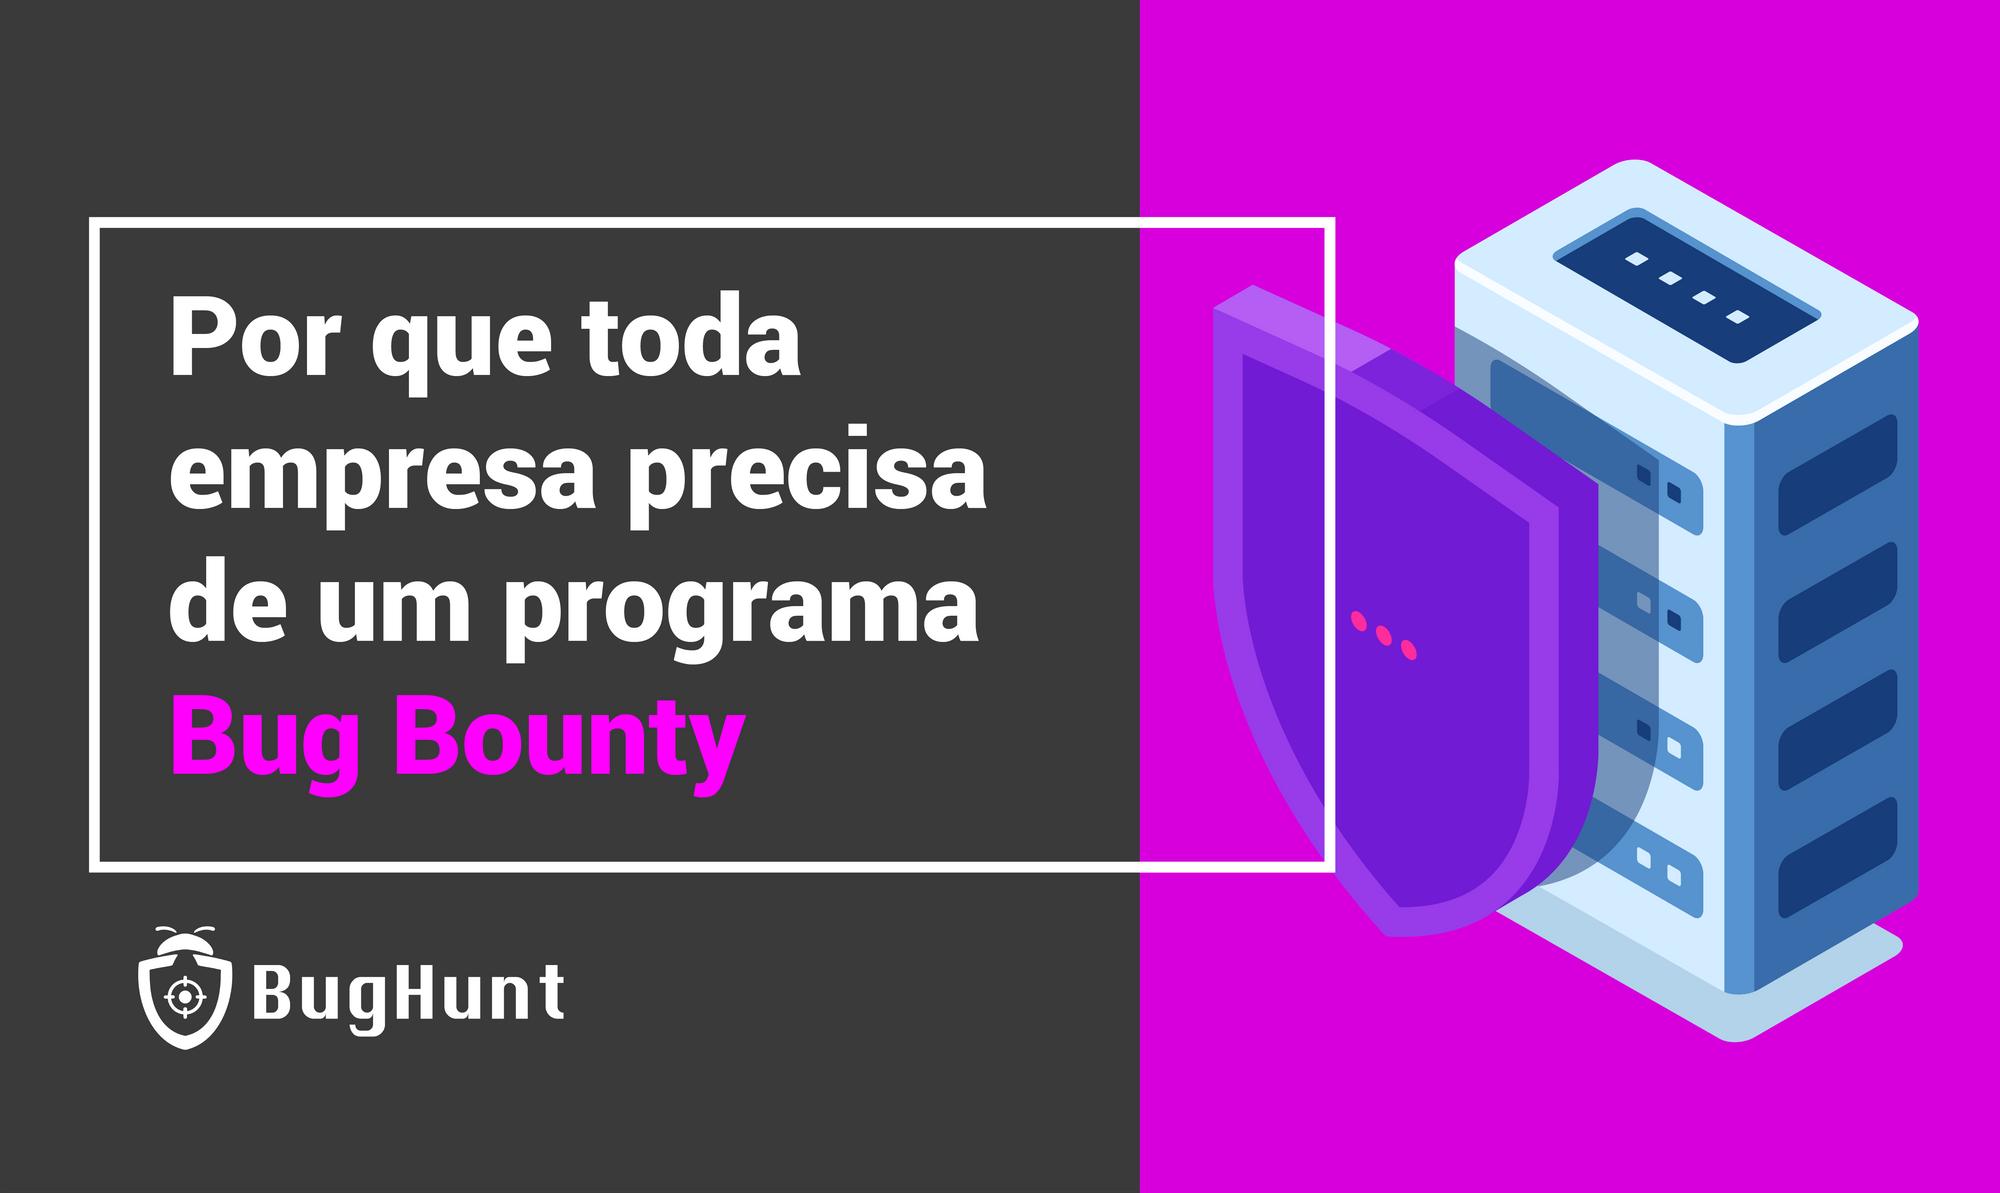 Por que toda empresa precisa de um programa de Bug Bounty?